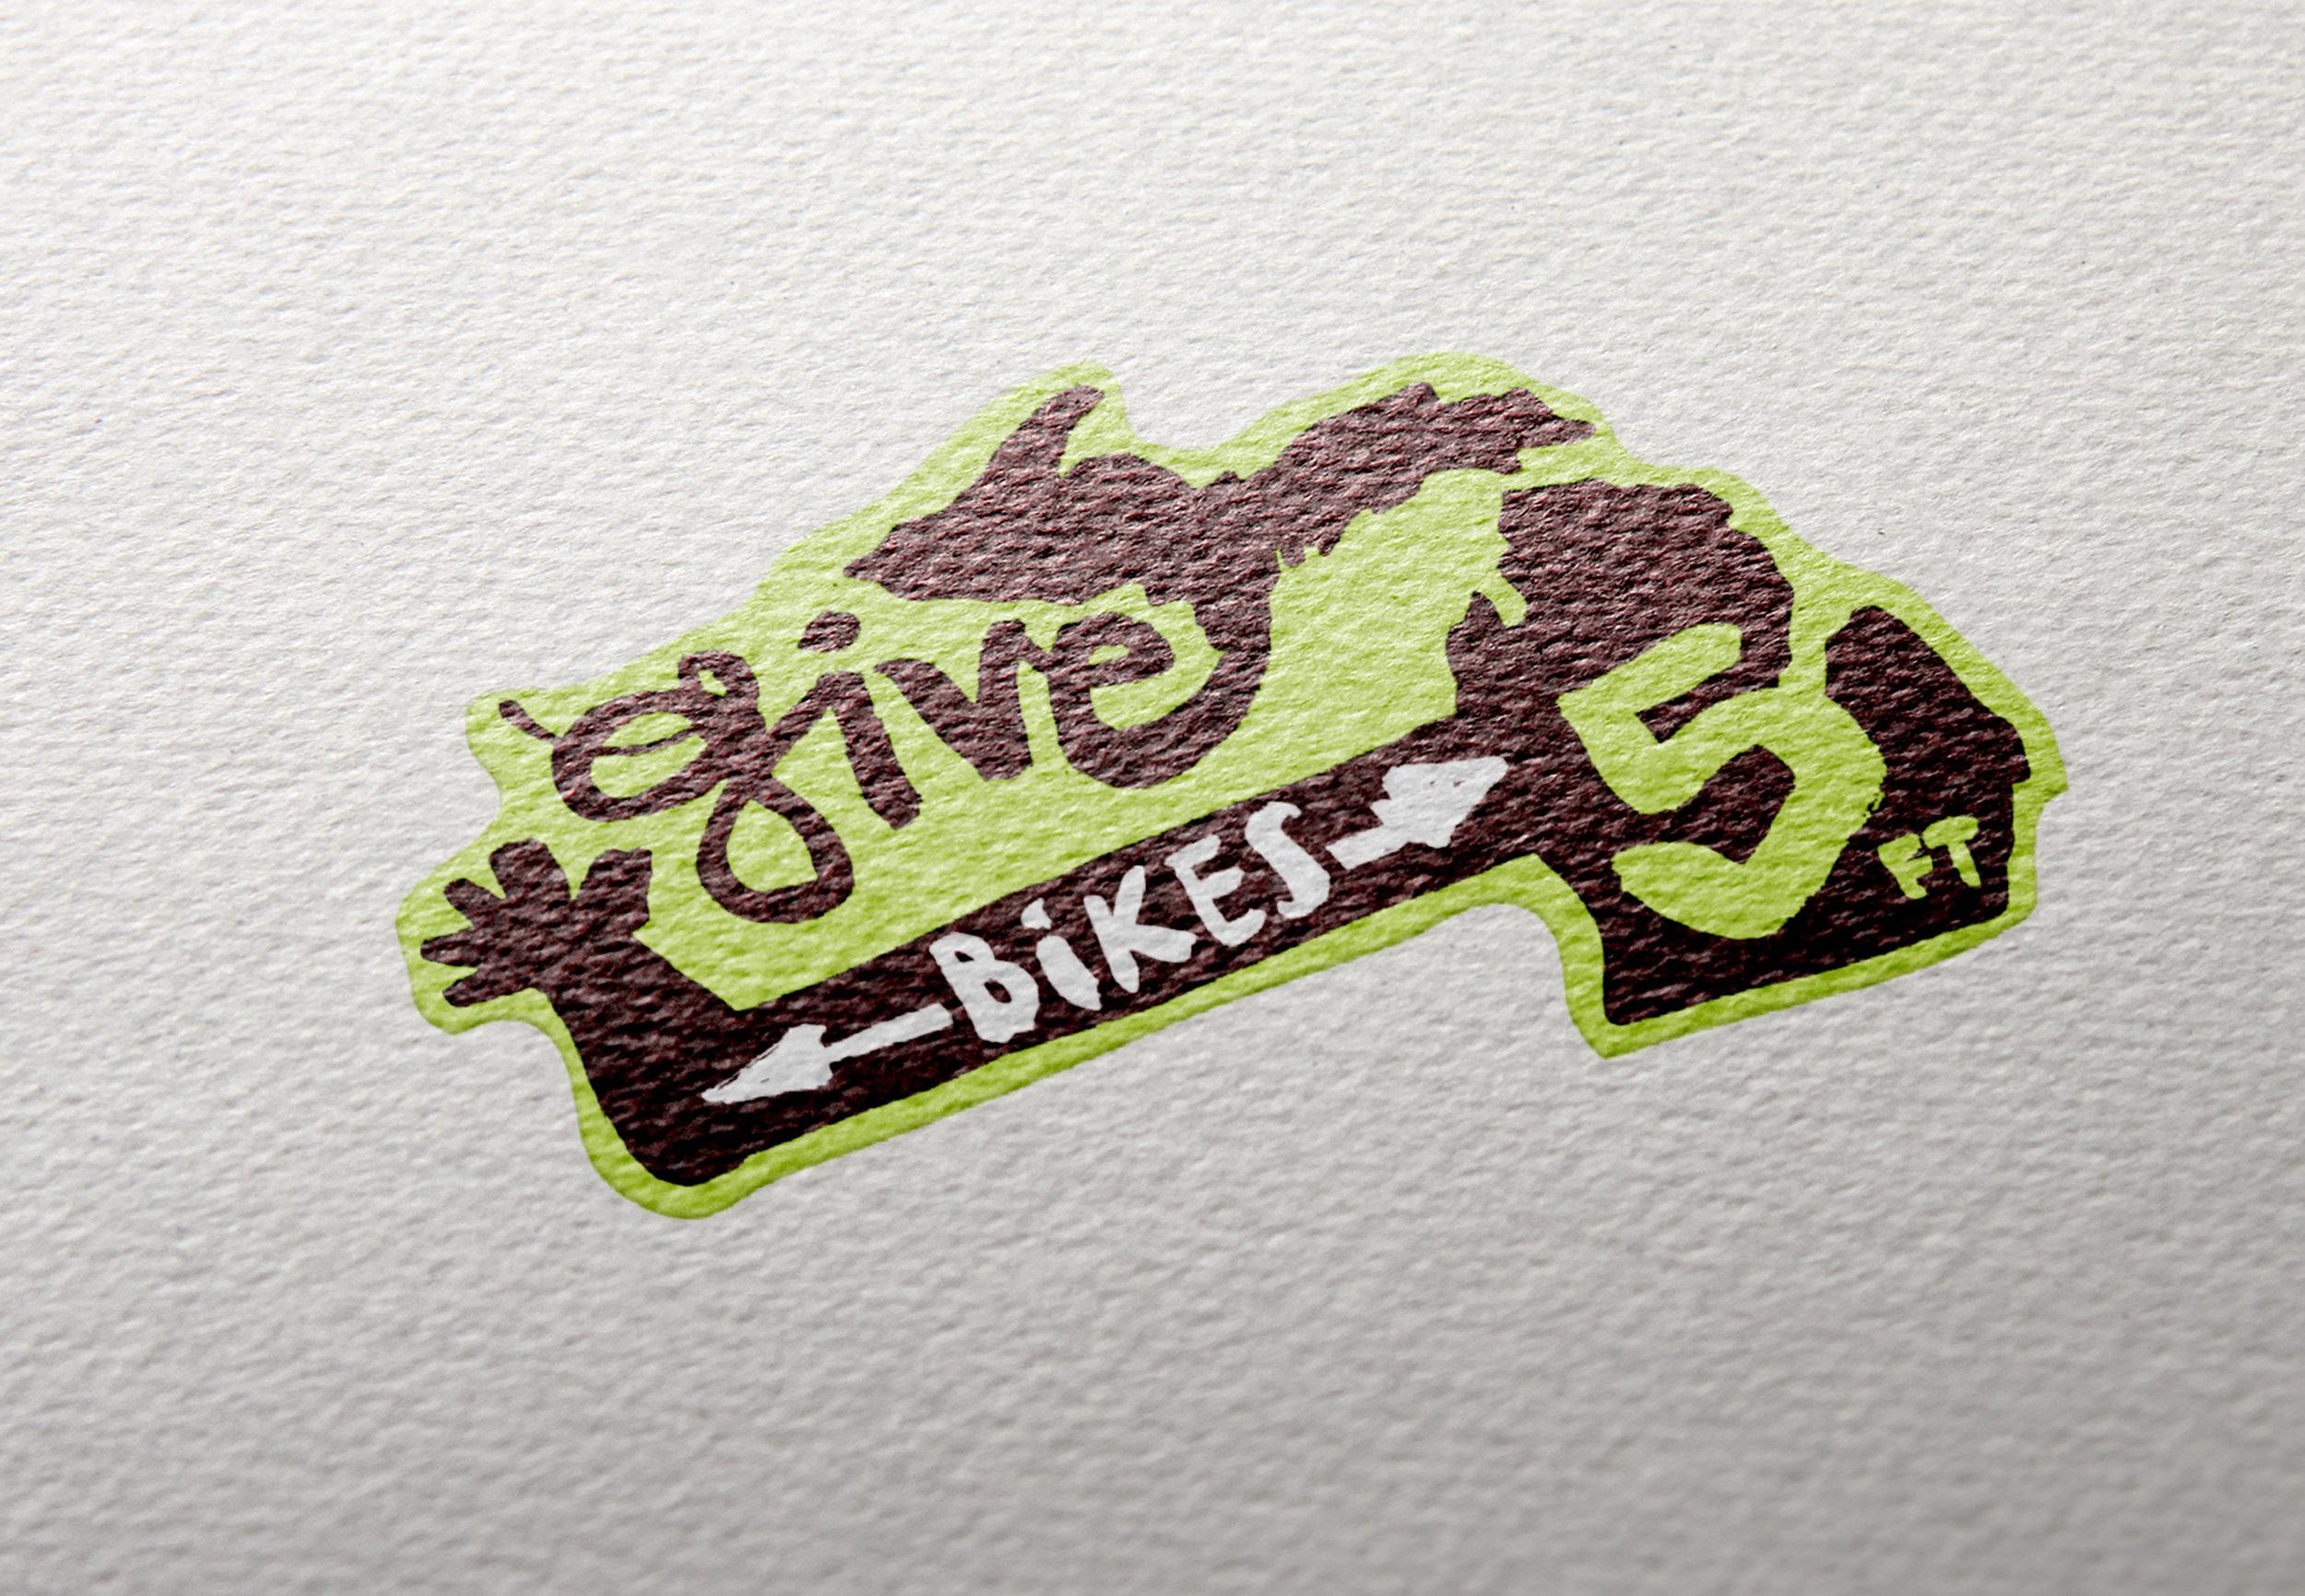 Adobe-Behance-1400x1000_0000s_0012_5-Feet.jpg